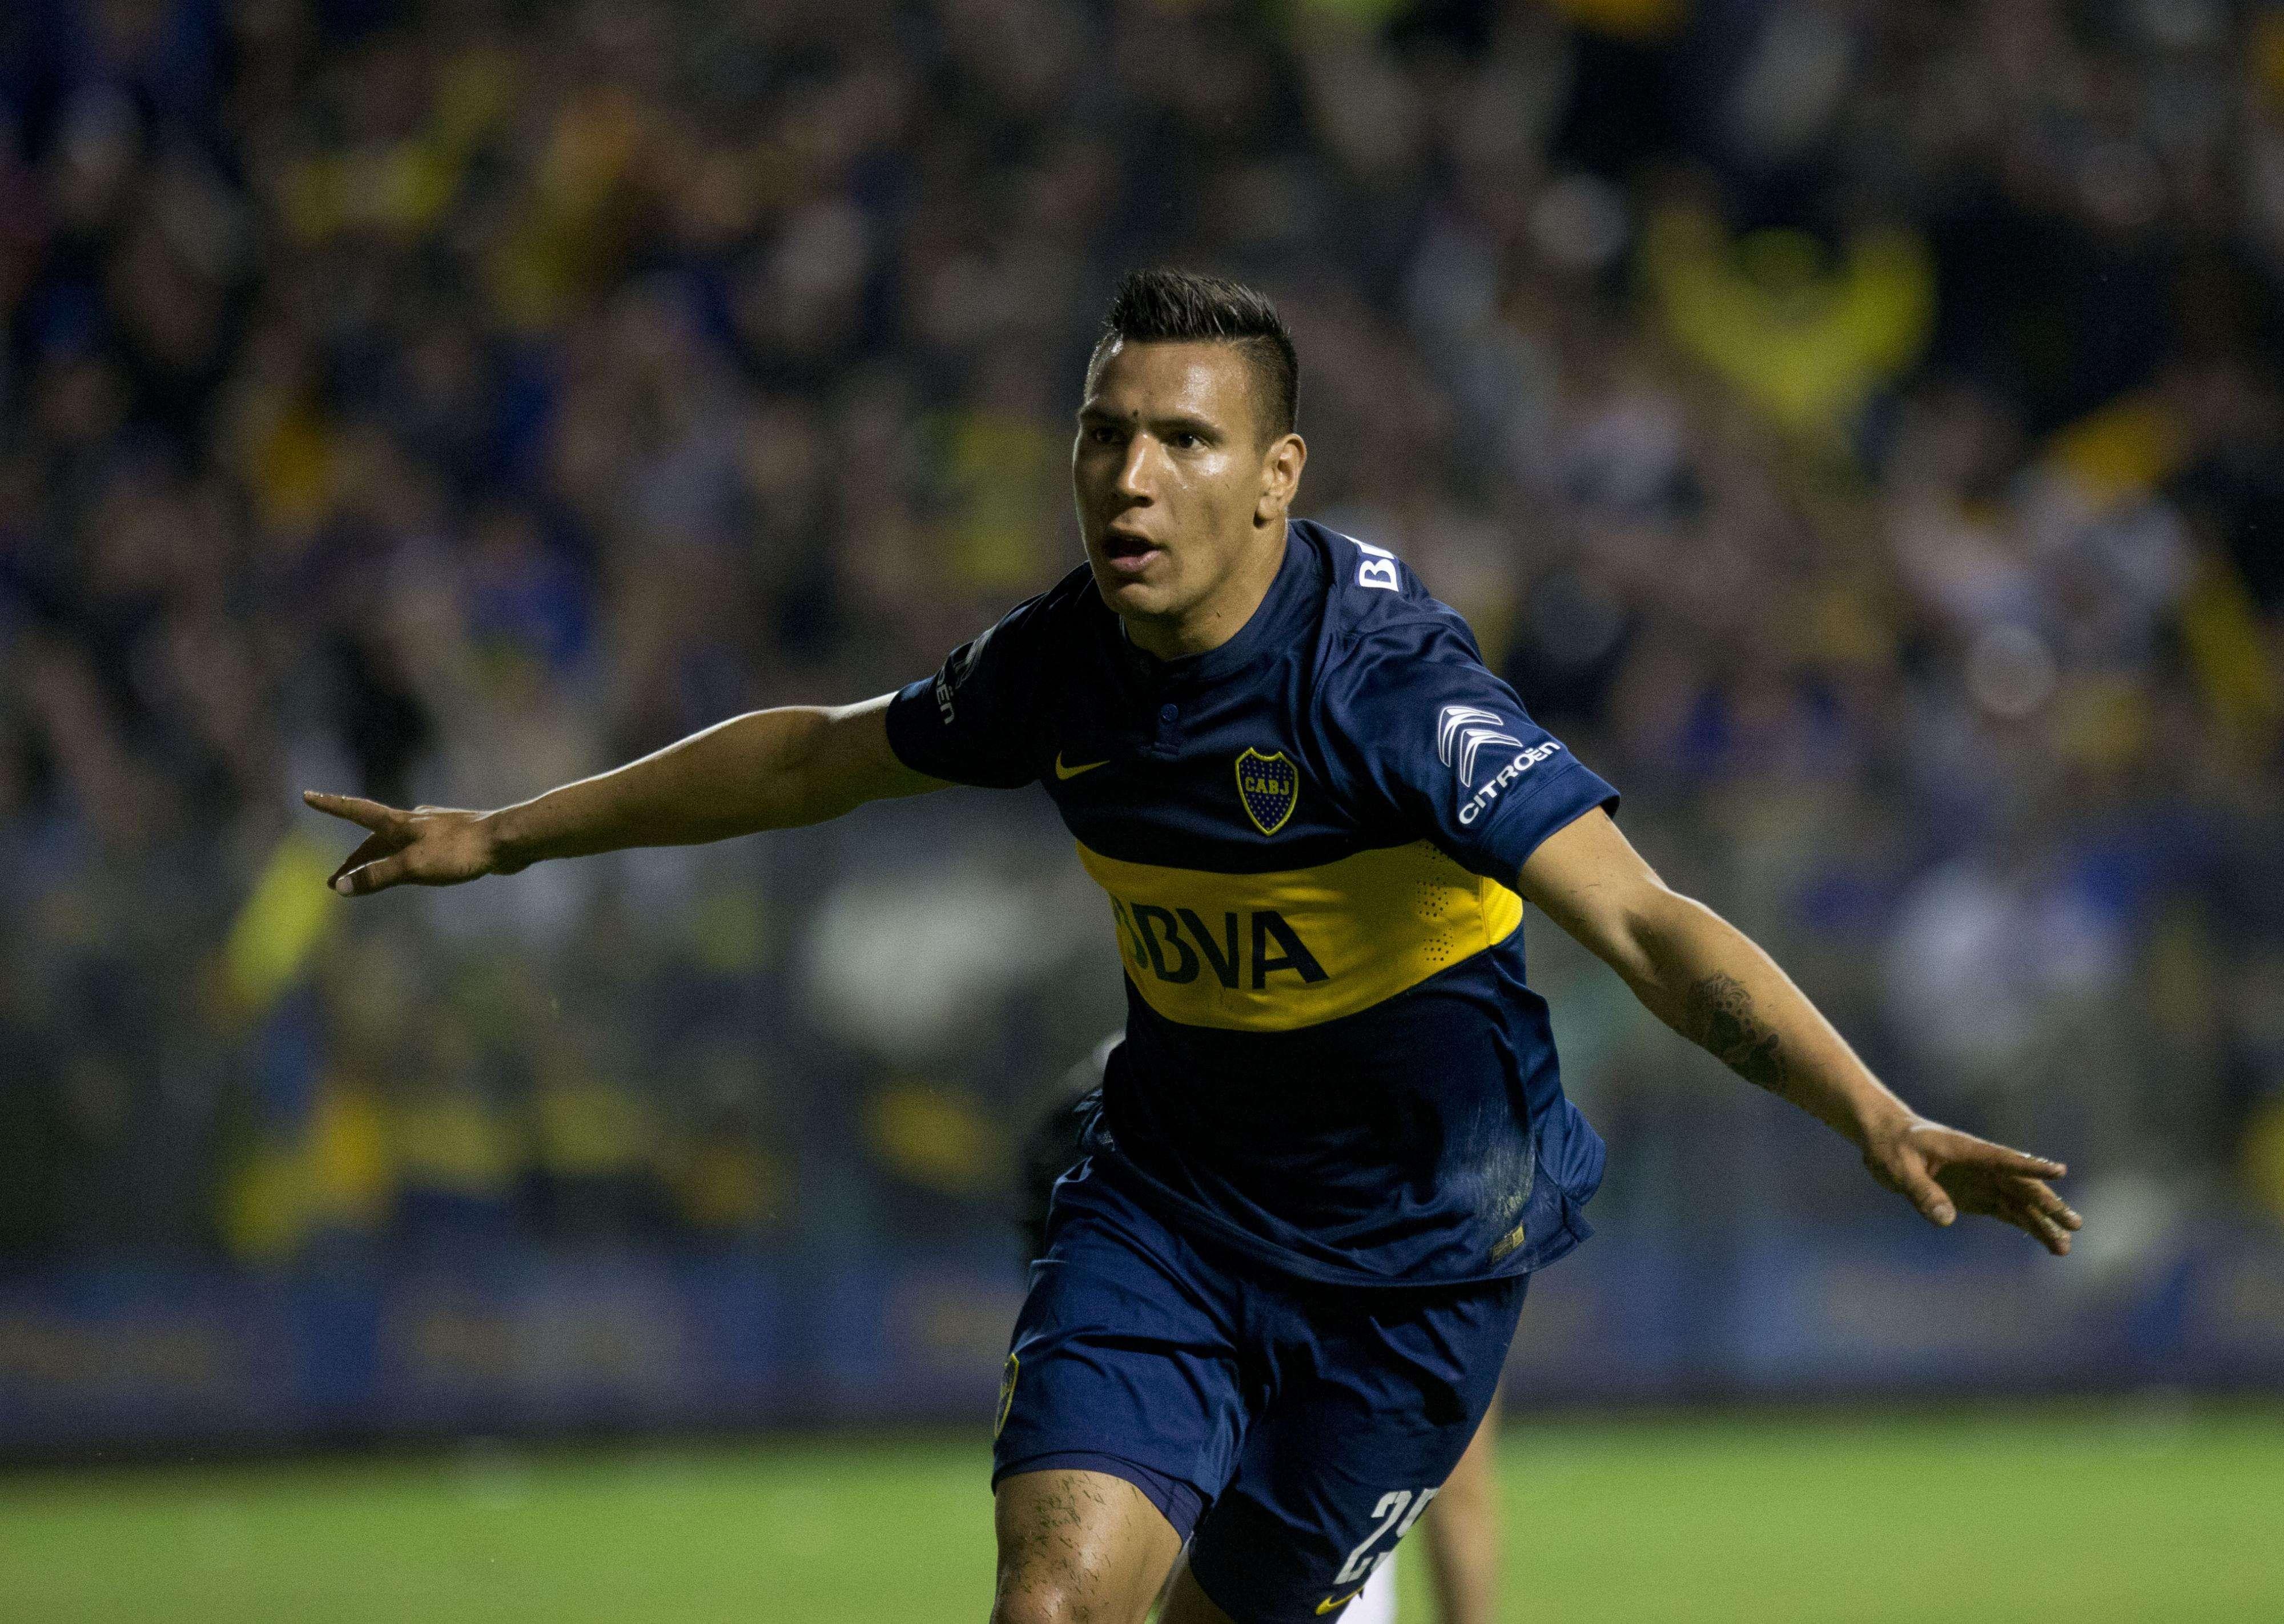 Boca Juniors venció 3-0 a Rosario Central y así se calificó a octavos en la Copa Sudamericana. Foto: AP